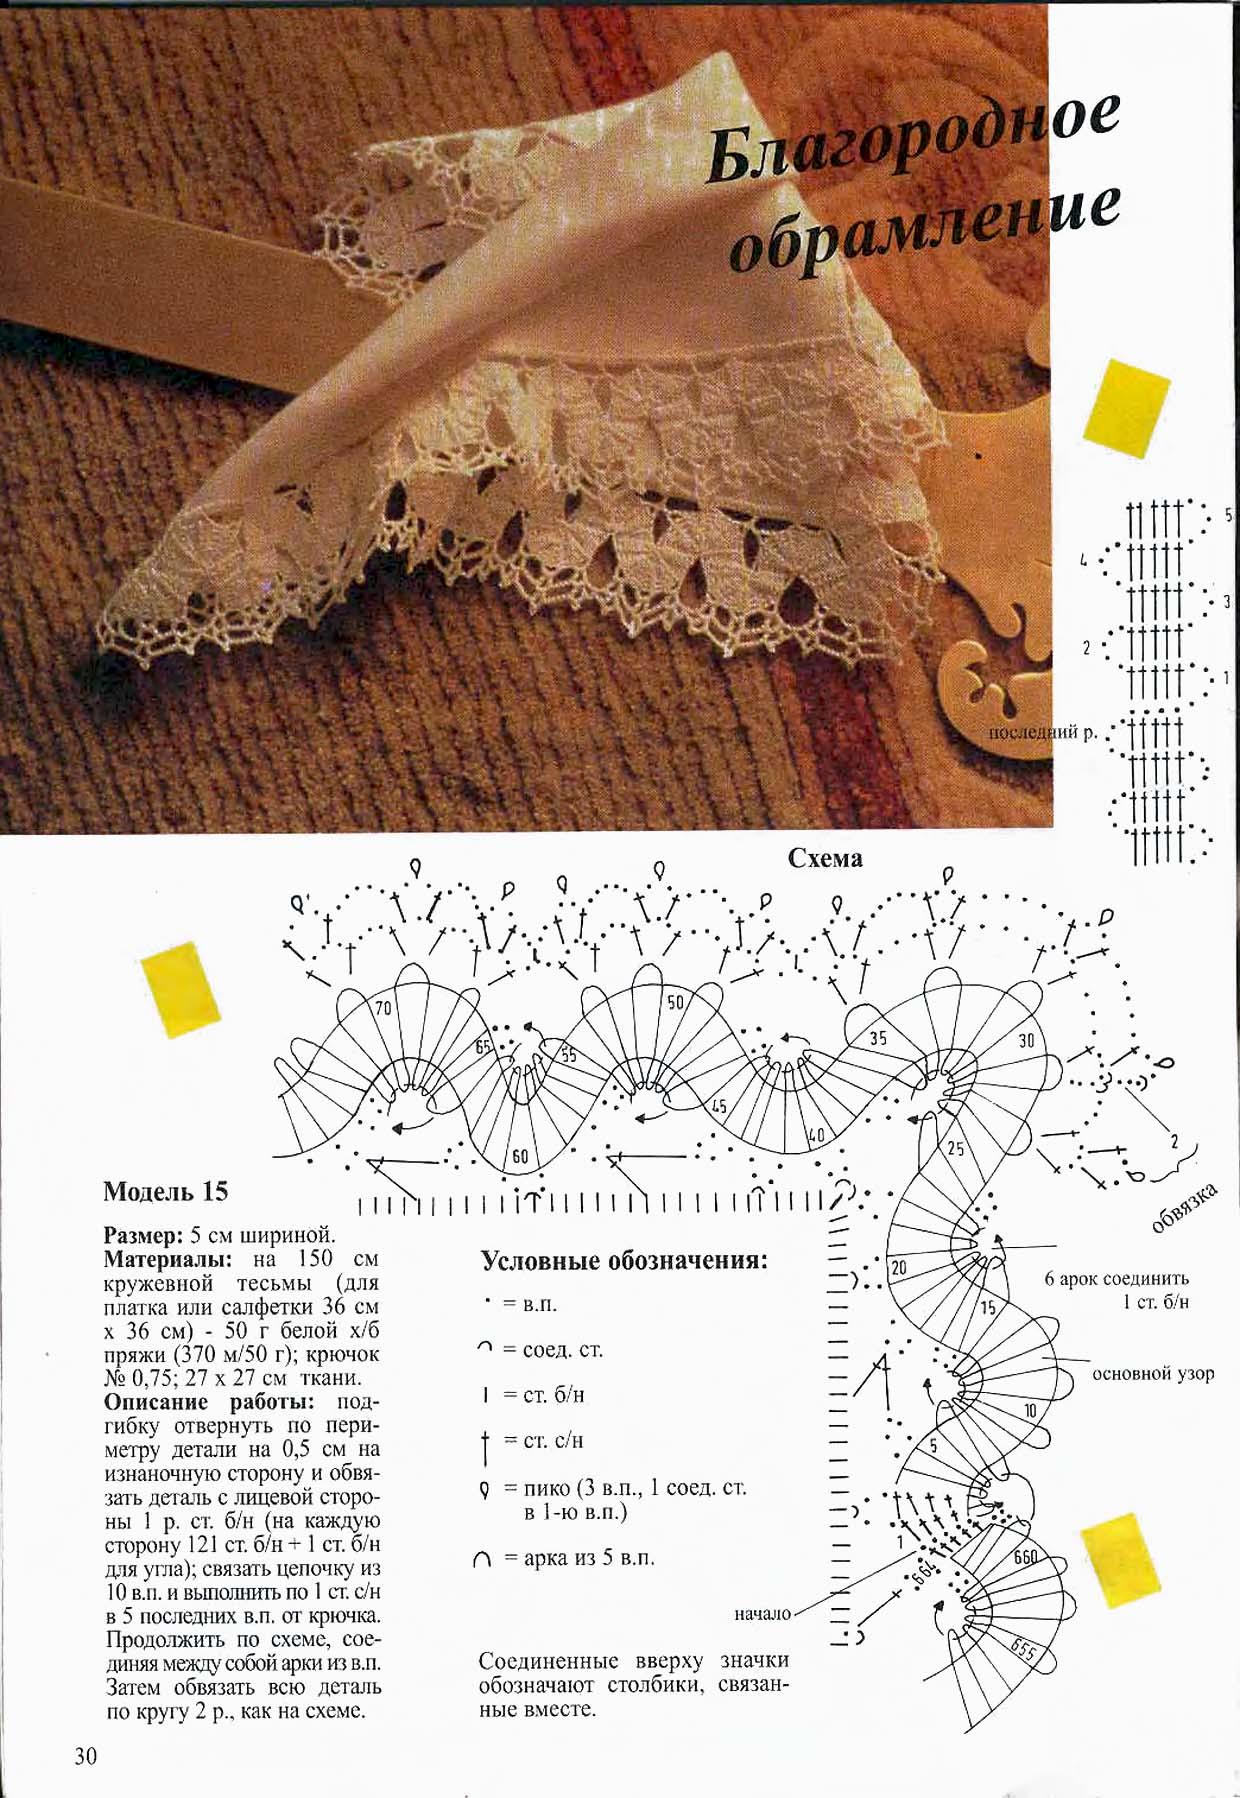 Бюргерское кружево модели и схемы